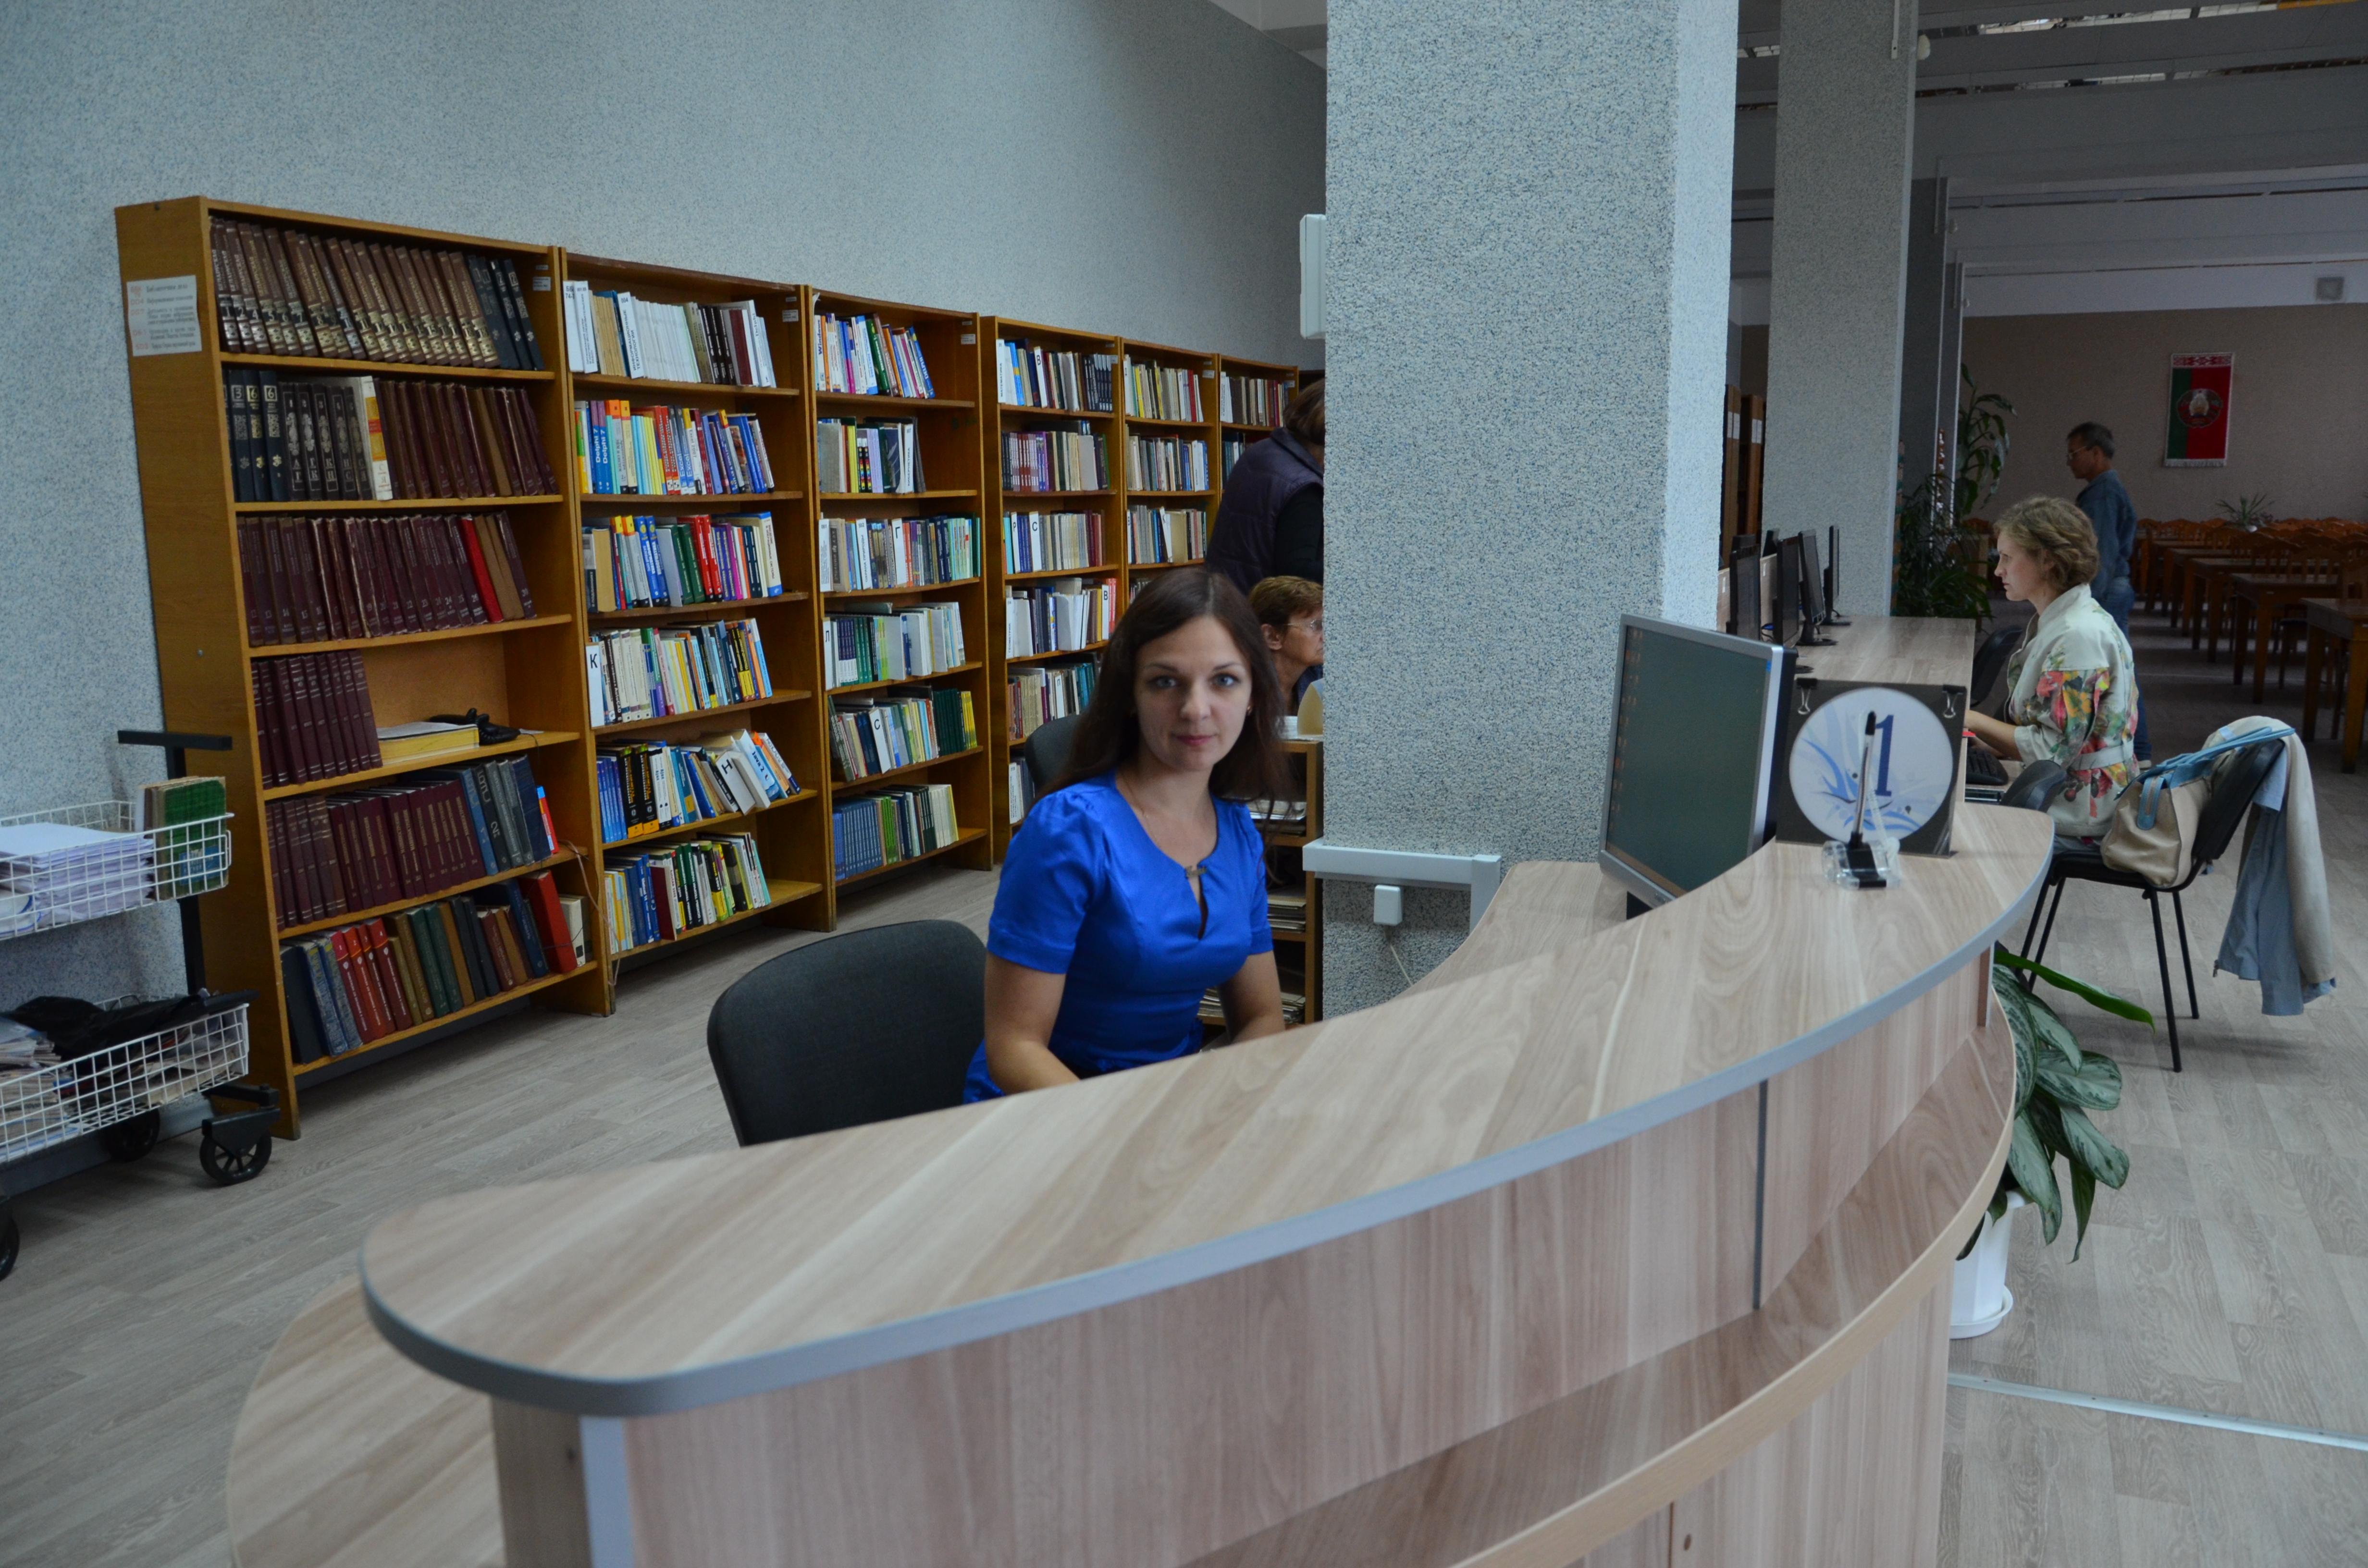 Устемчук Инна Валерьевна Заведующий отделом обслуживания